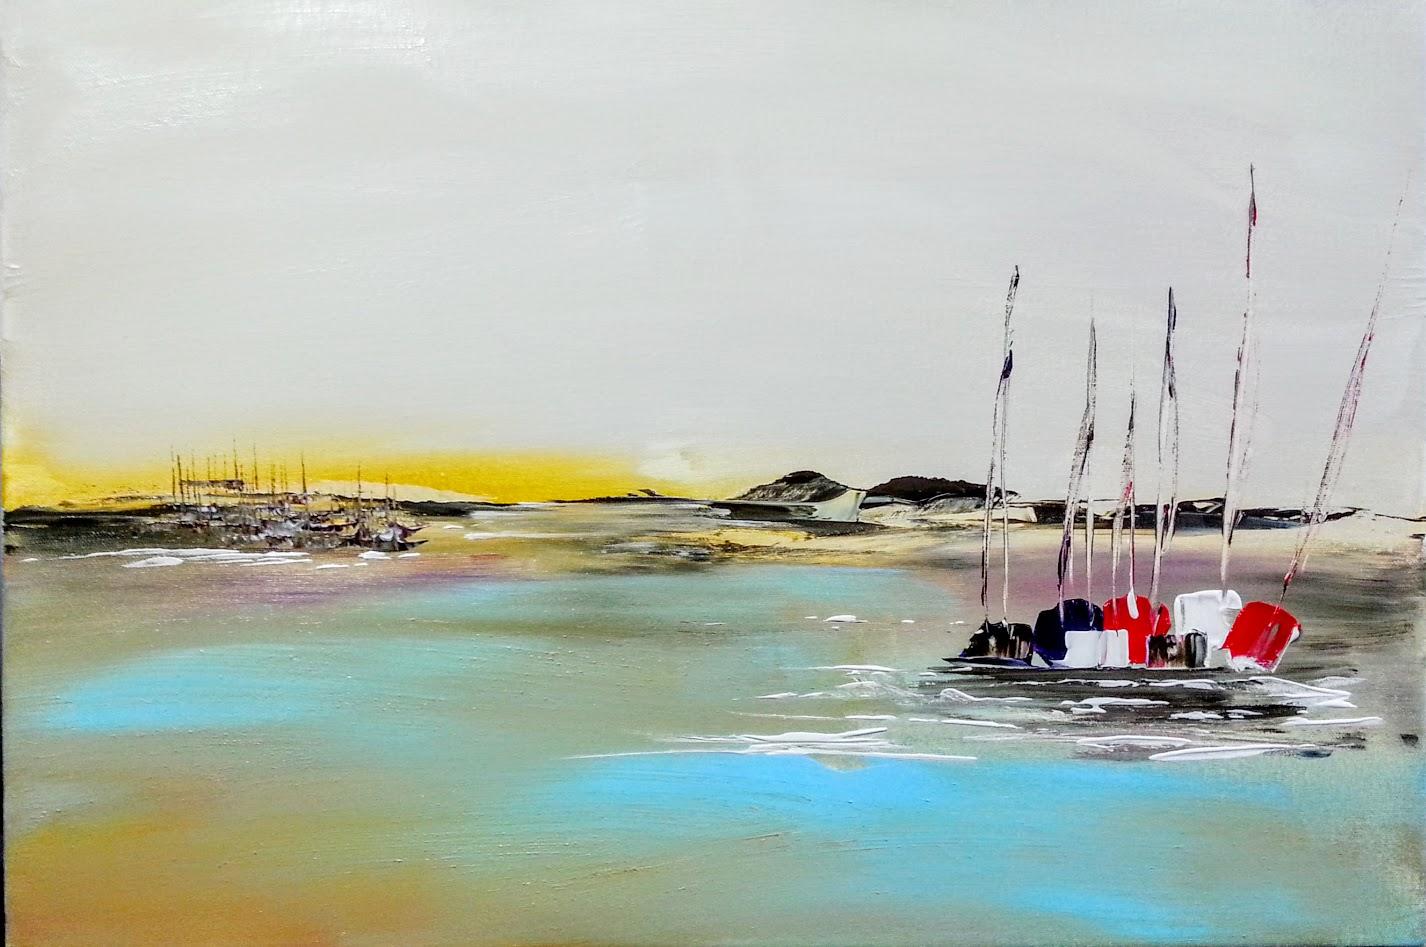 tableau de gauchepatte intitulé marée basse